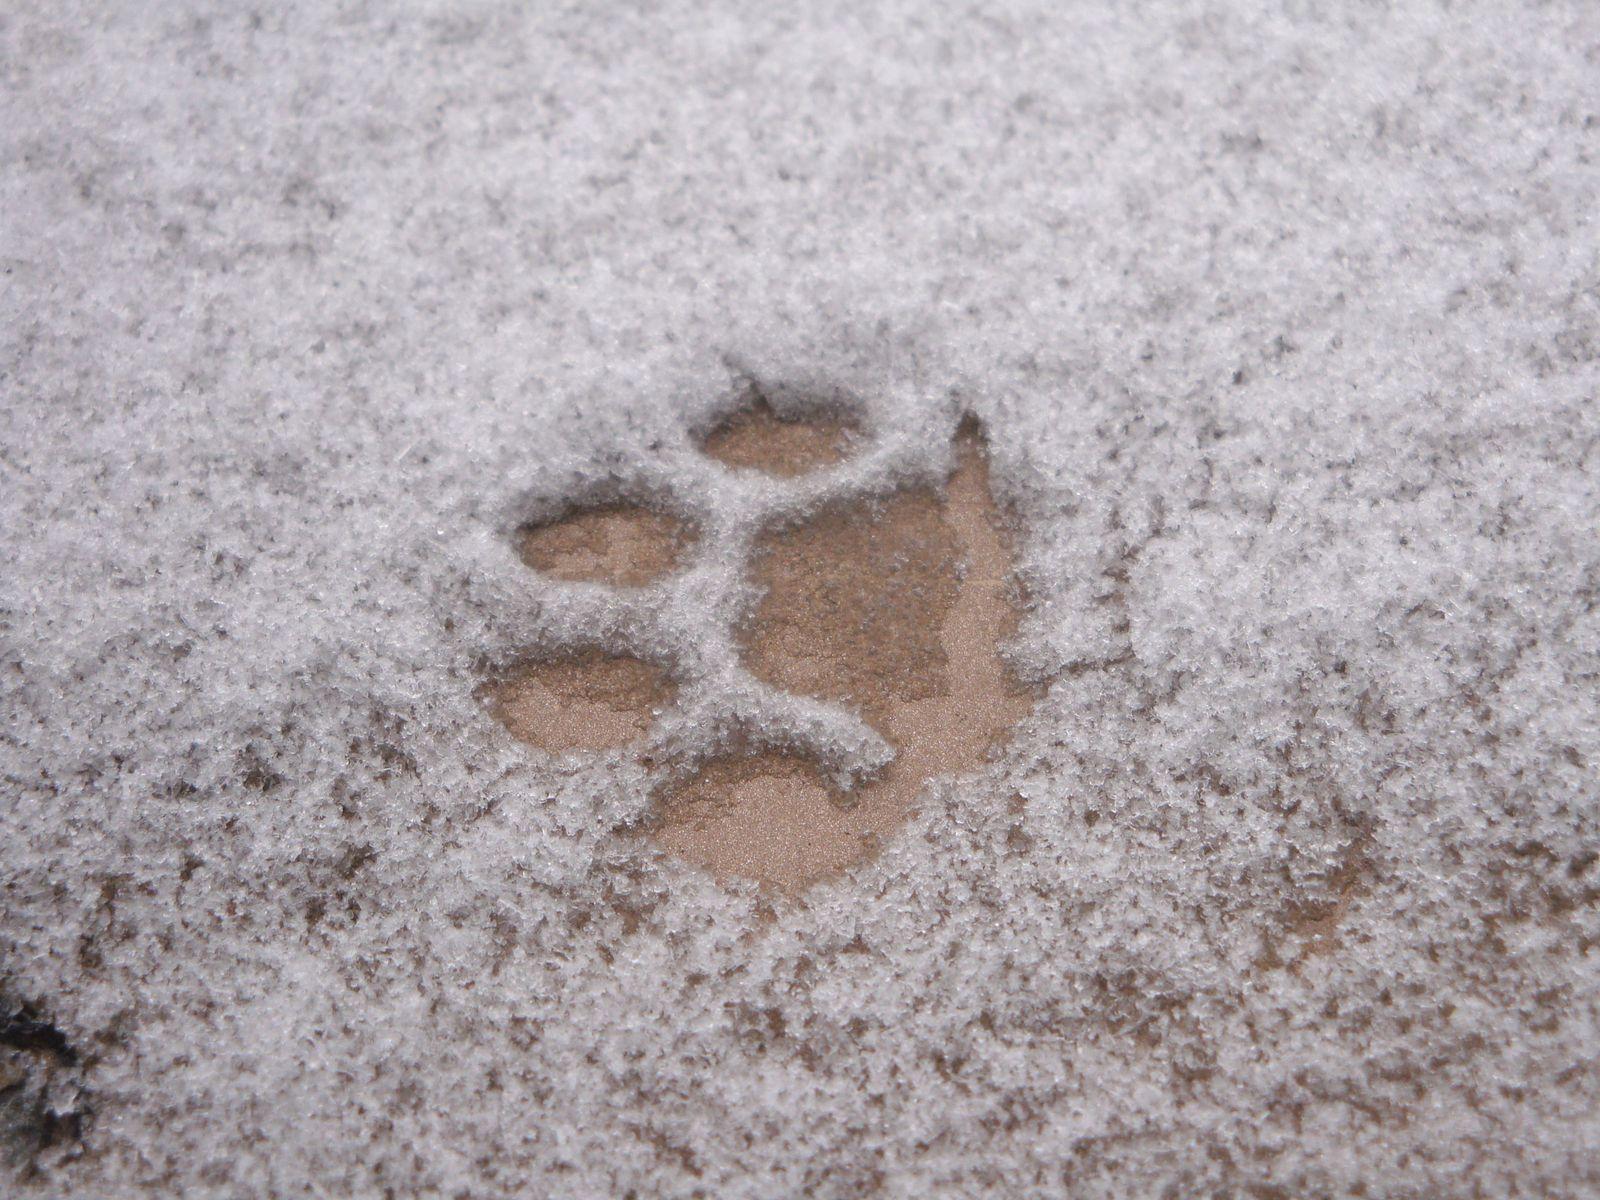 Hyde Park - oui, je sais, le visage de mon beau Prince Charmant se dégrade au fur et à mesure que ses pieds sont mouillés par la neige...!